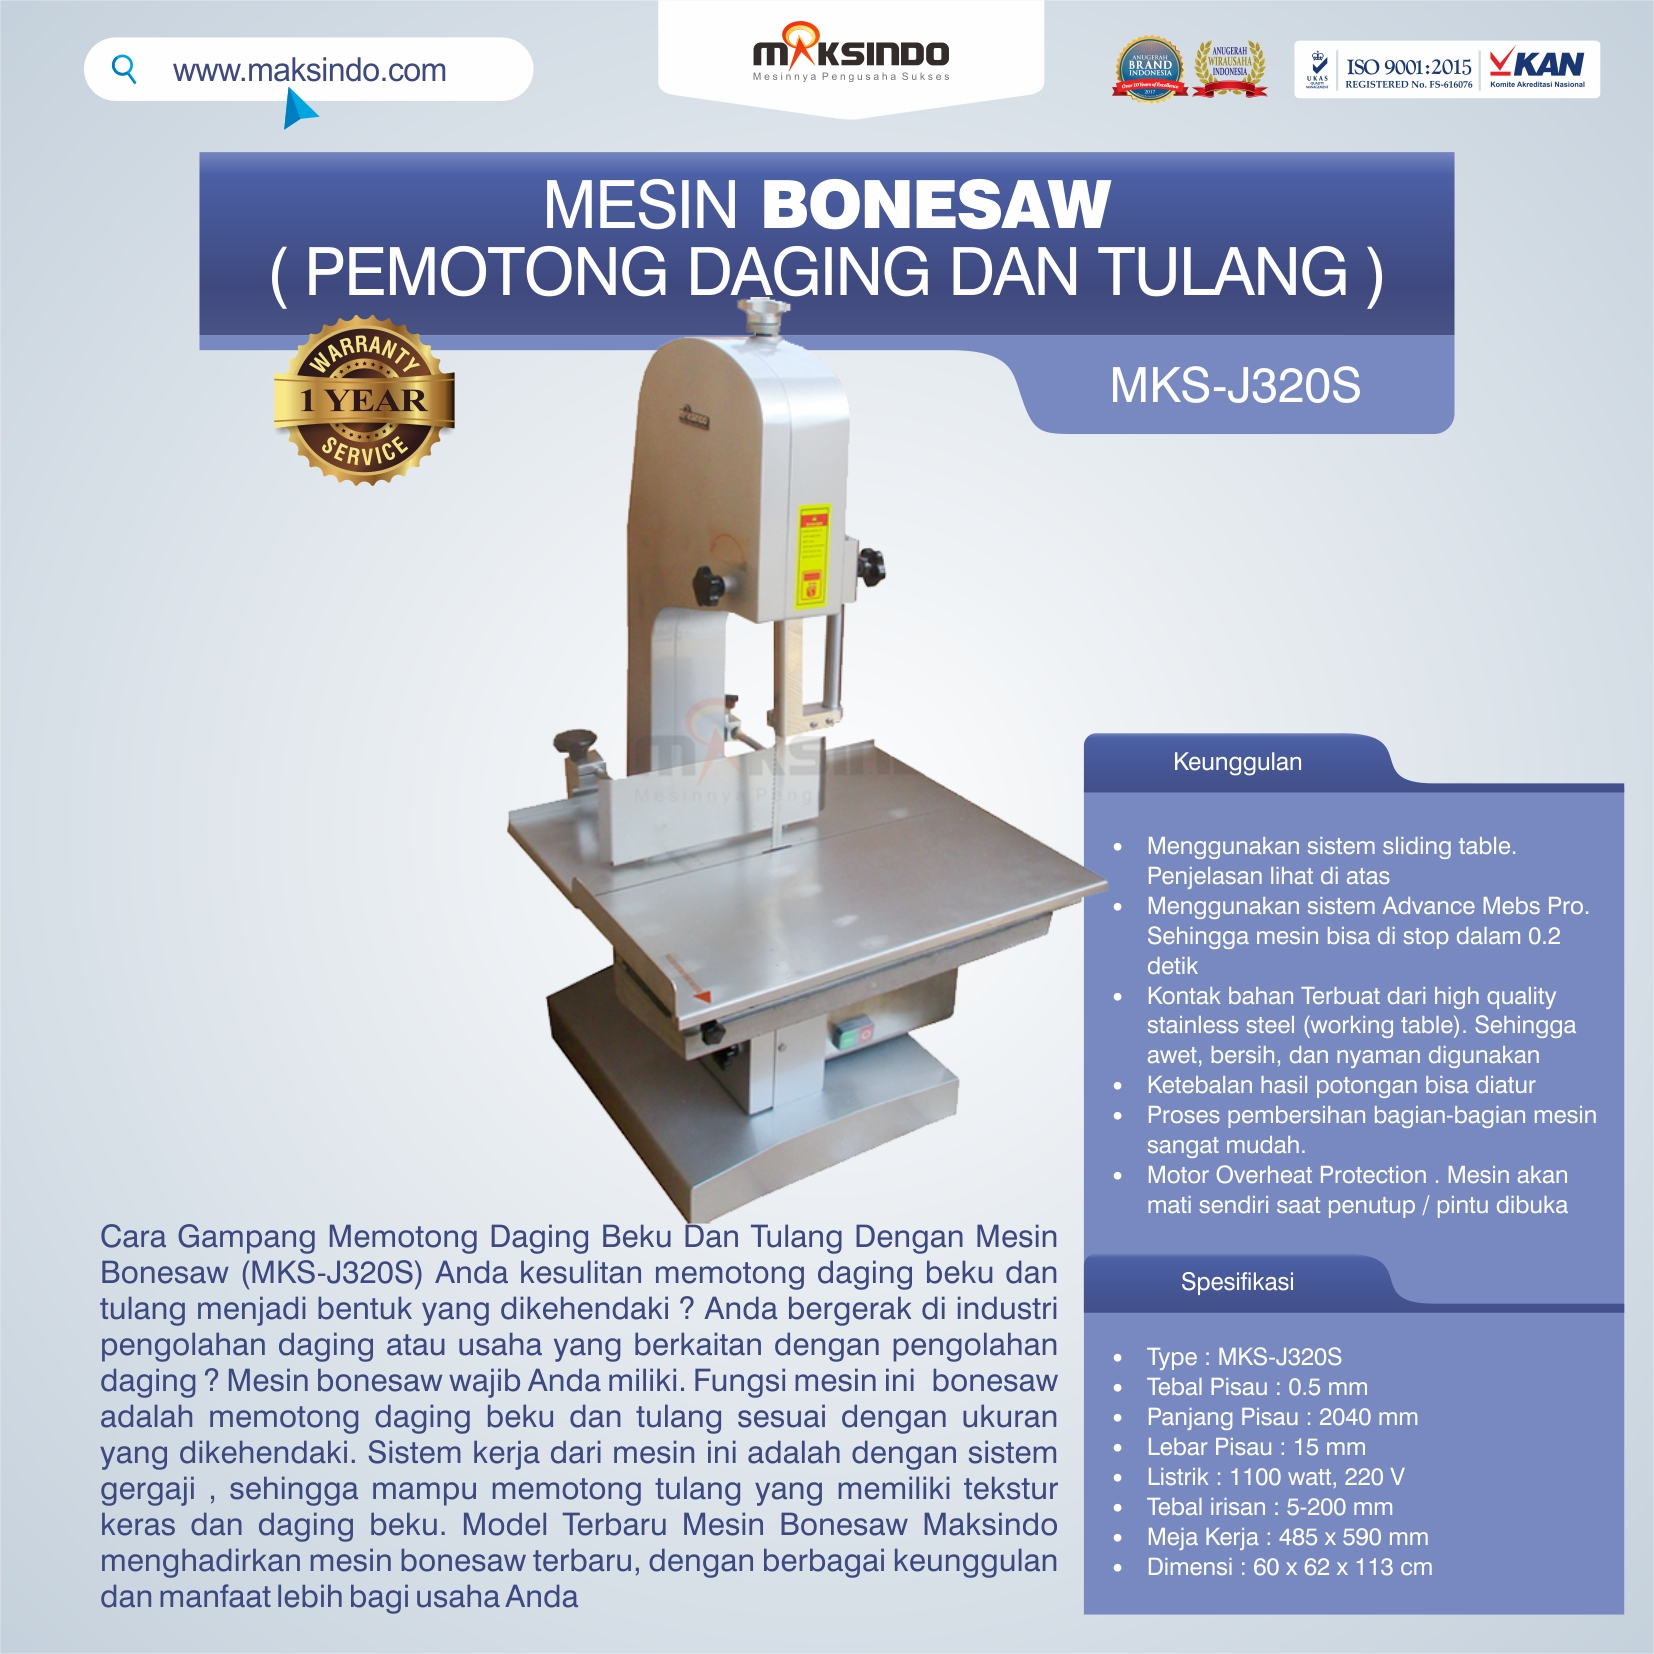 Jual Mesin Bonesaw MKS-J320S (pemotong daging dan tulang) di Pekanbaru